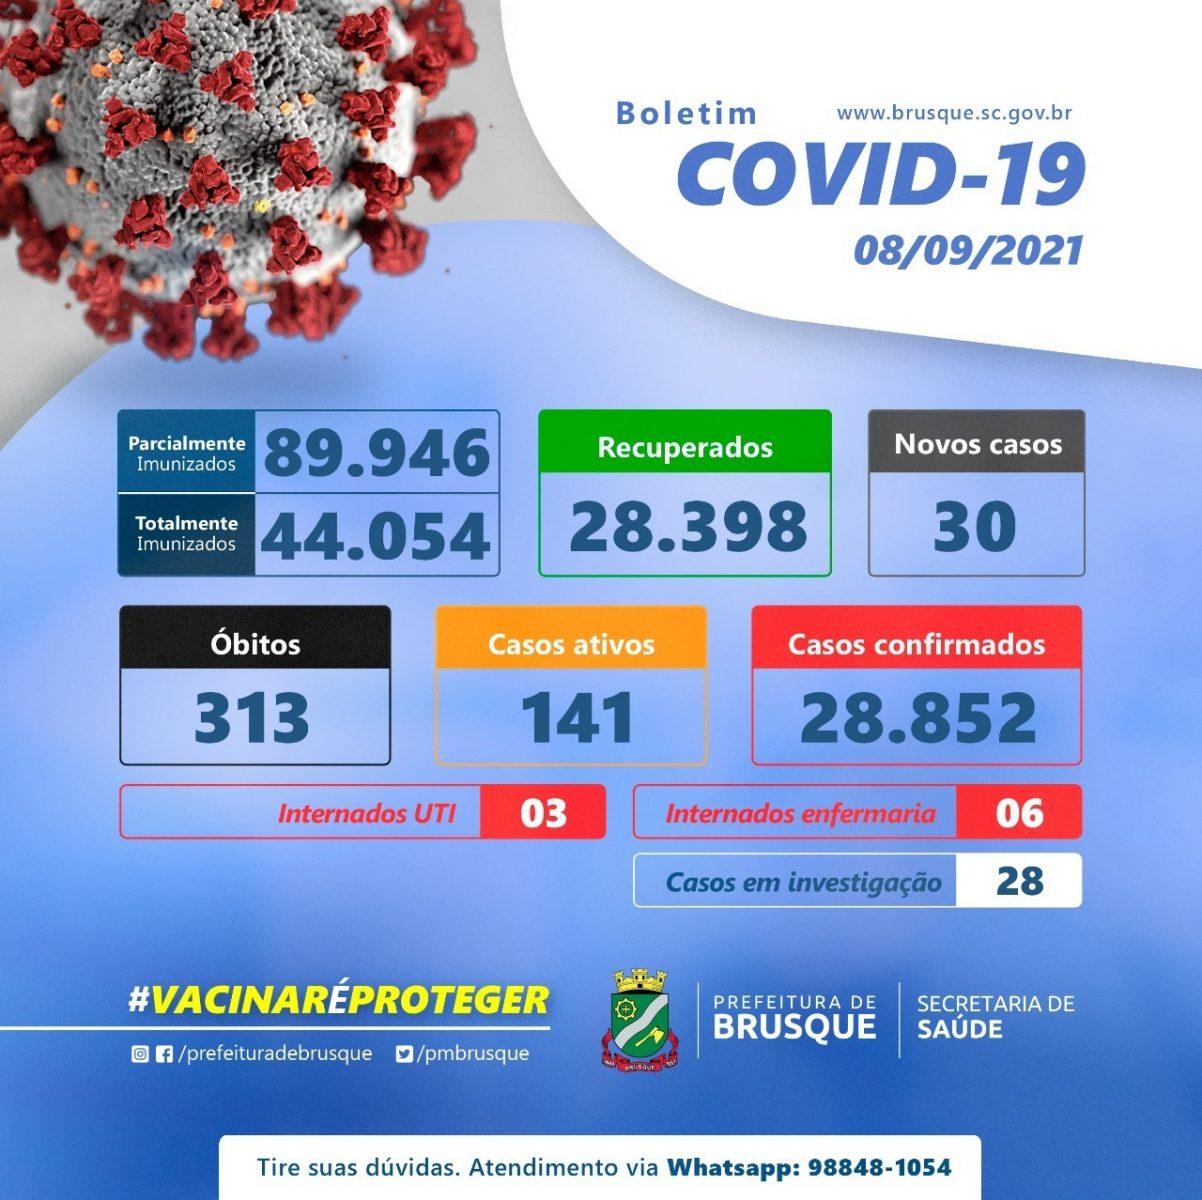 Covid-19: Confira os números das últimas 24 horas em Brusque